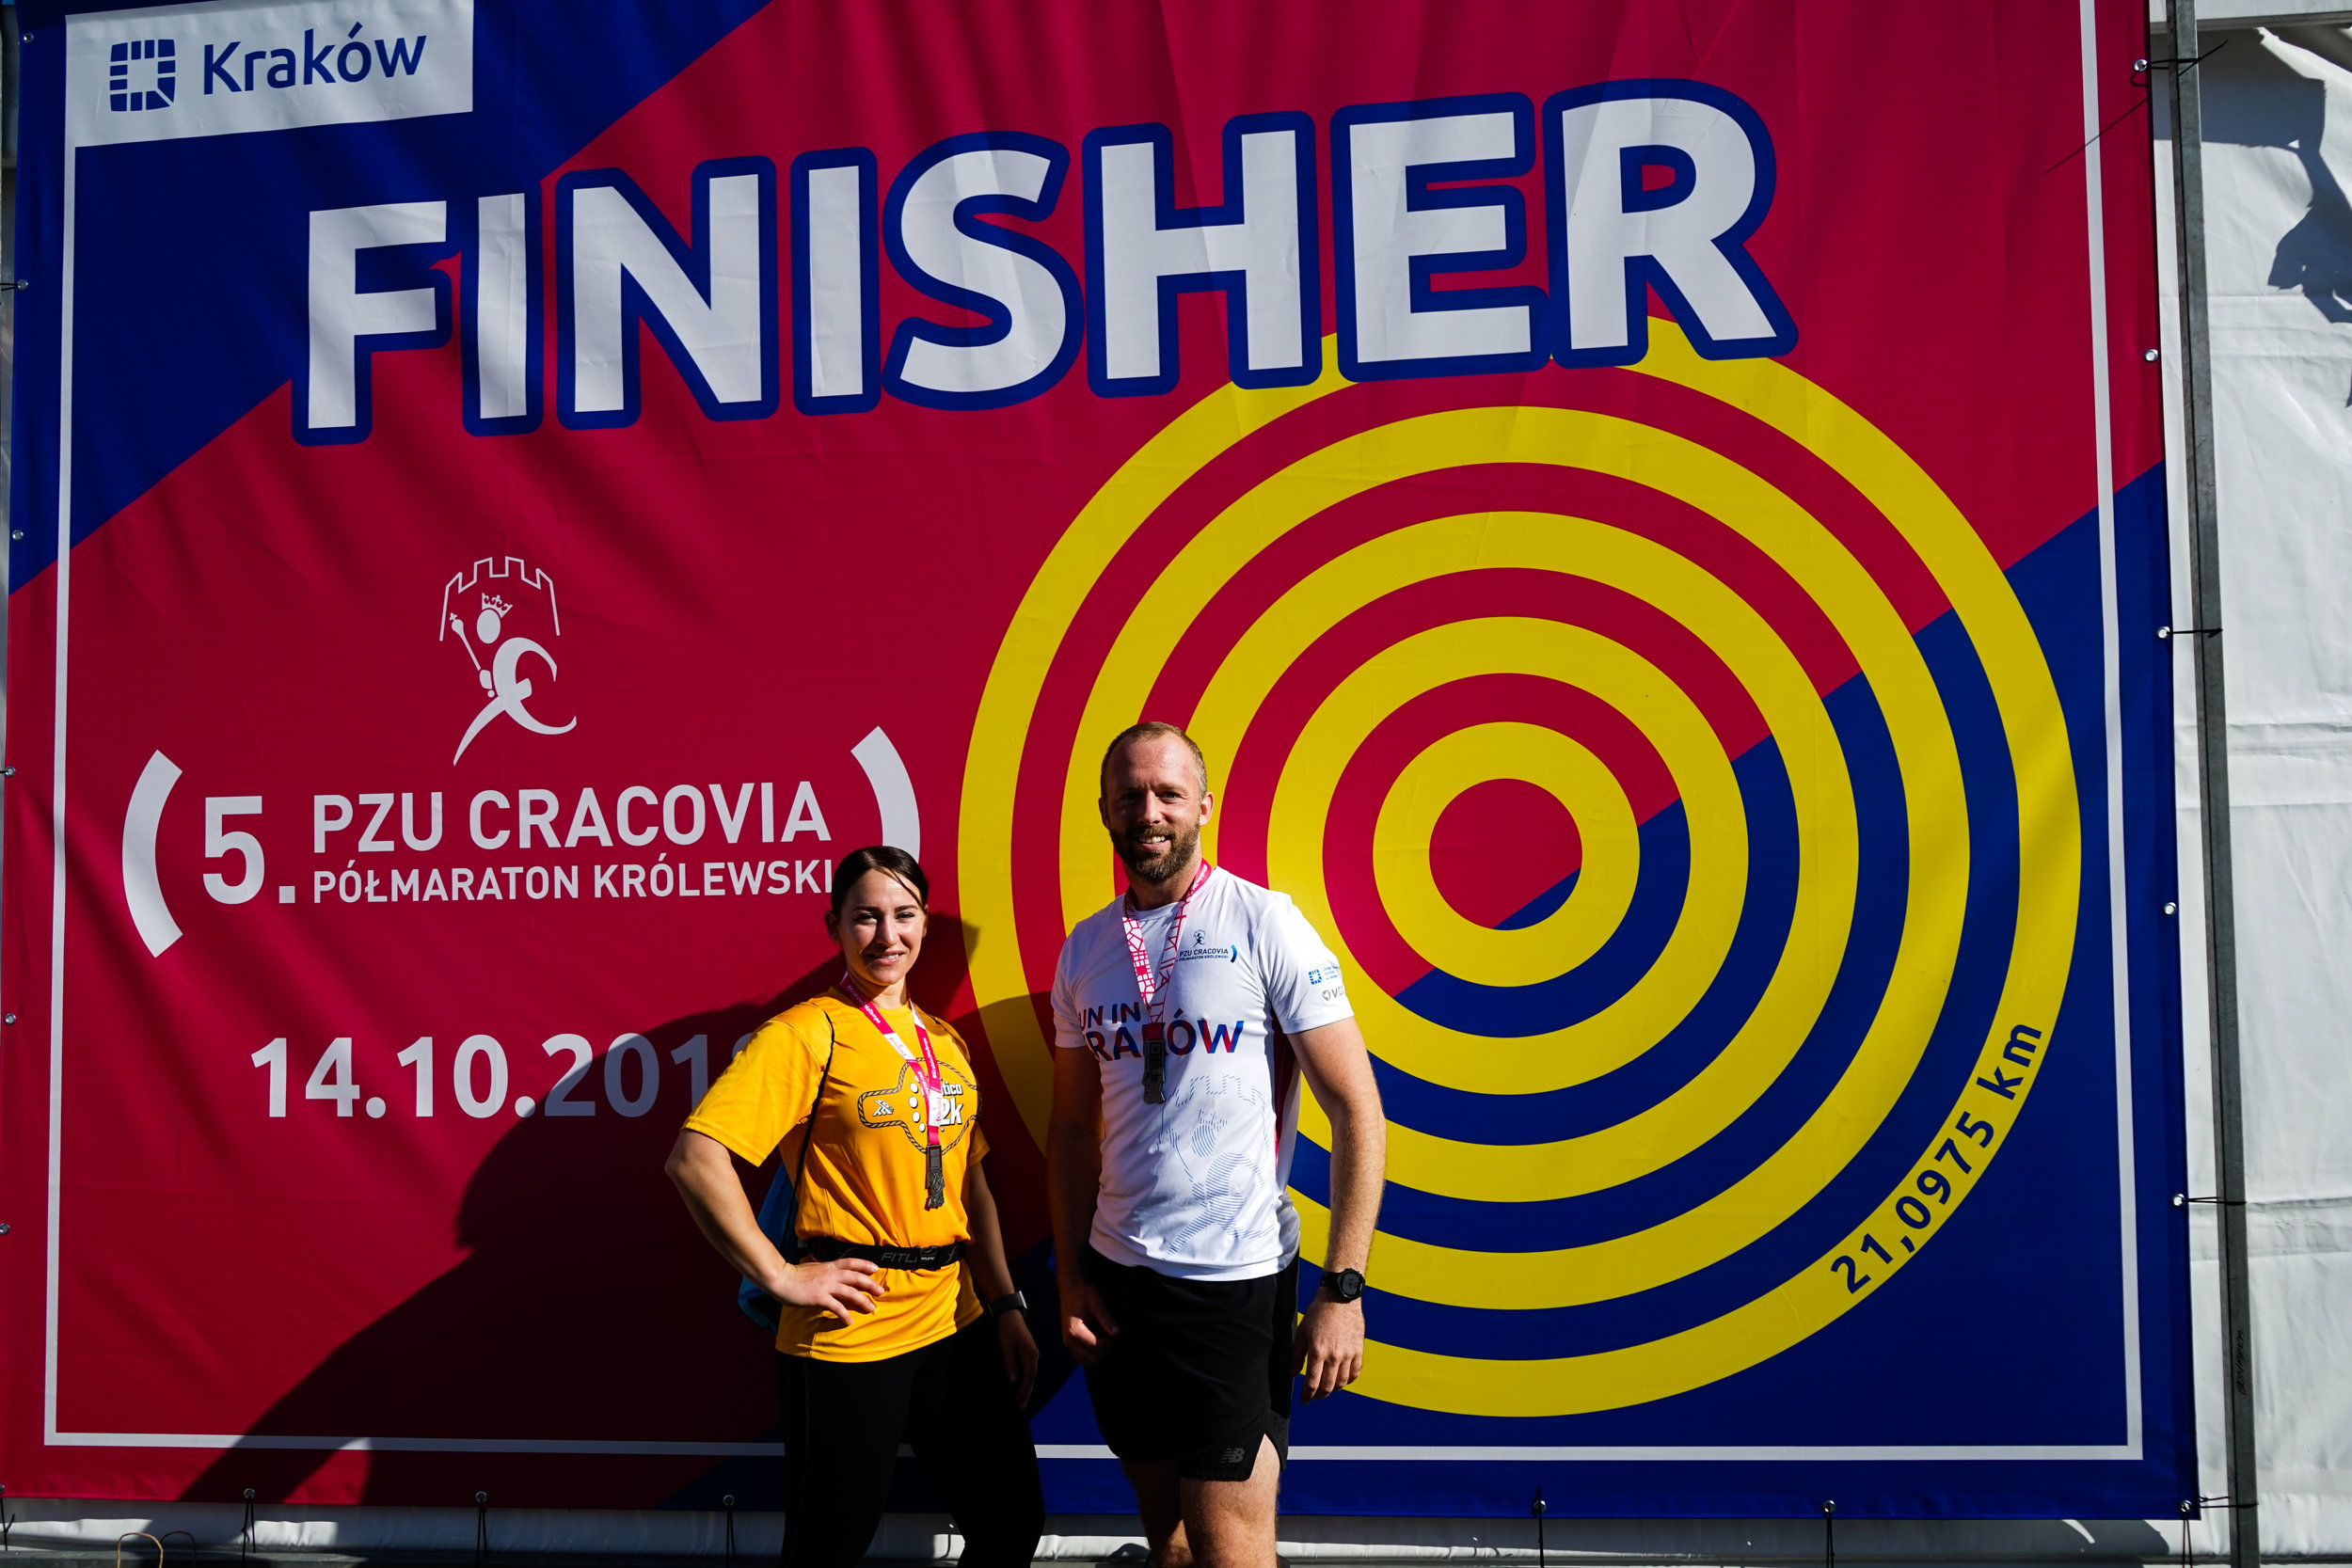 Photo Courtesy of Sz.Gruchalski   www.pzucracoviamaraton.pl